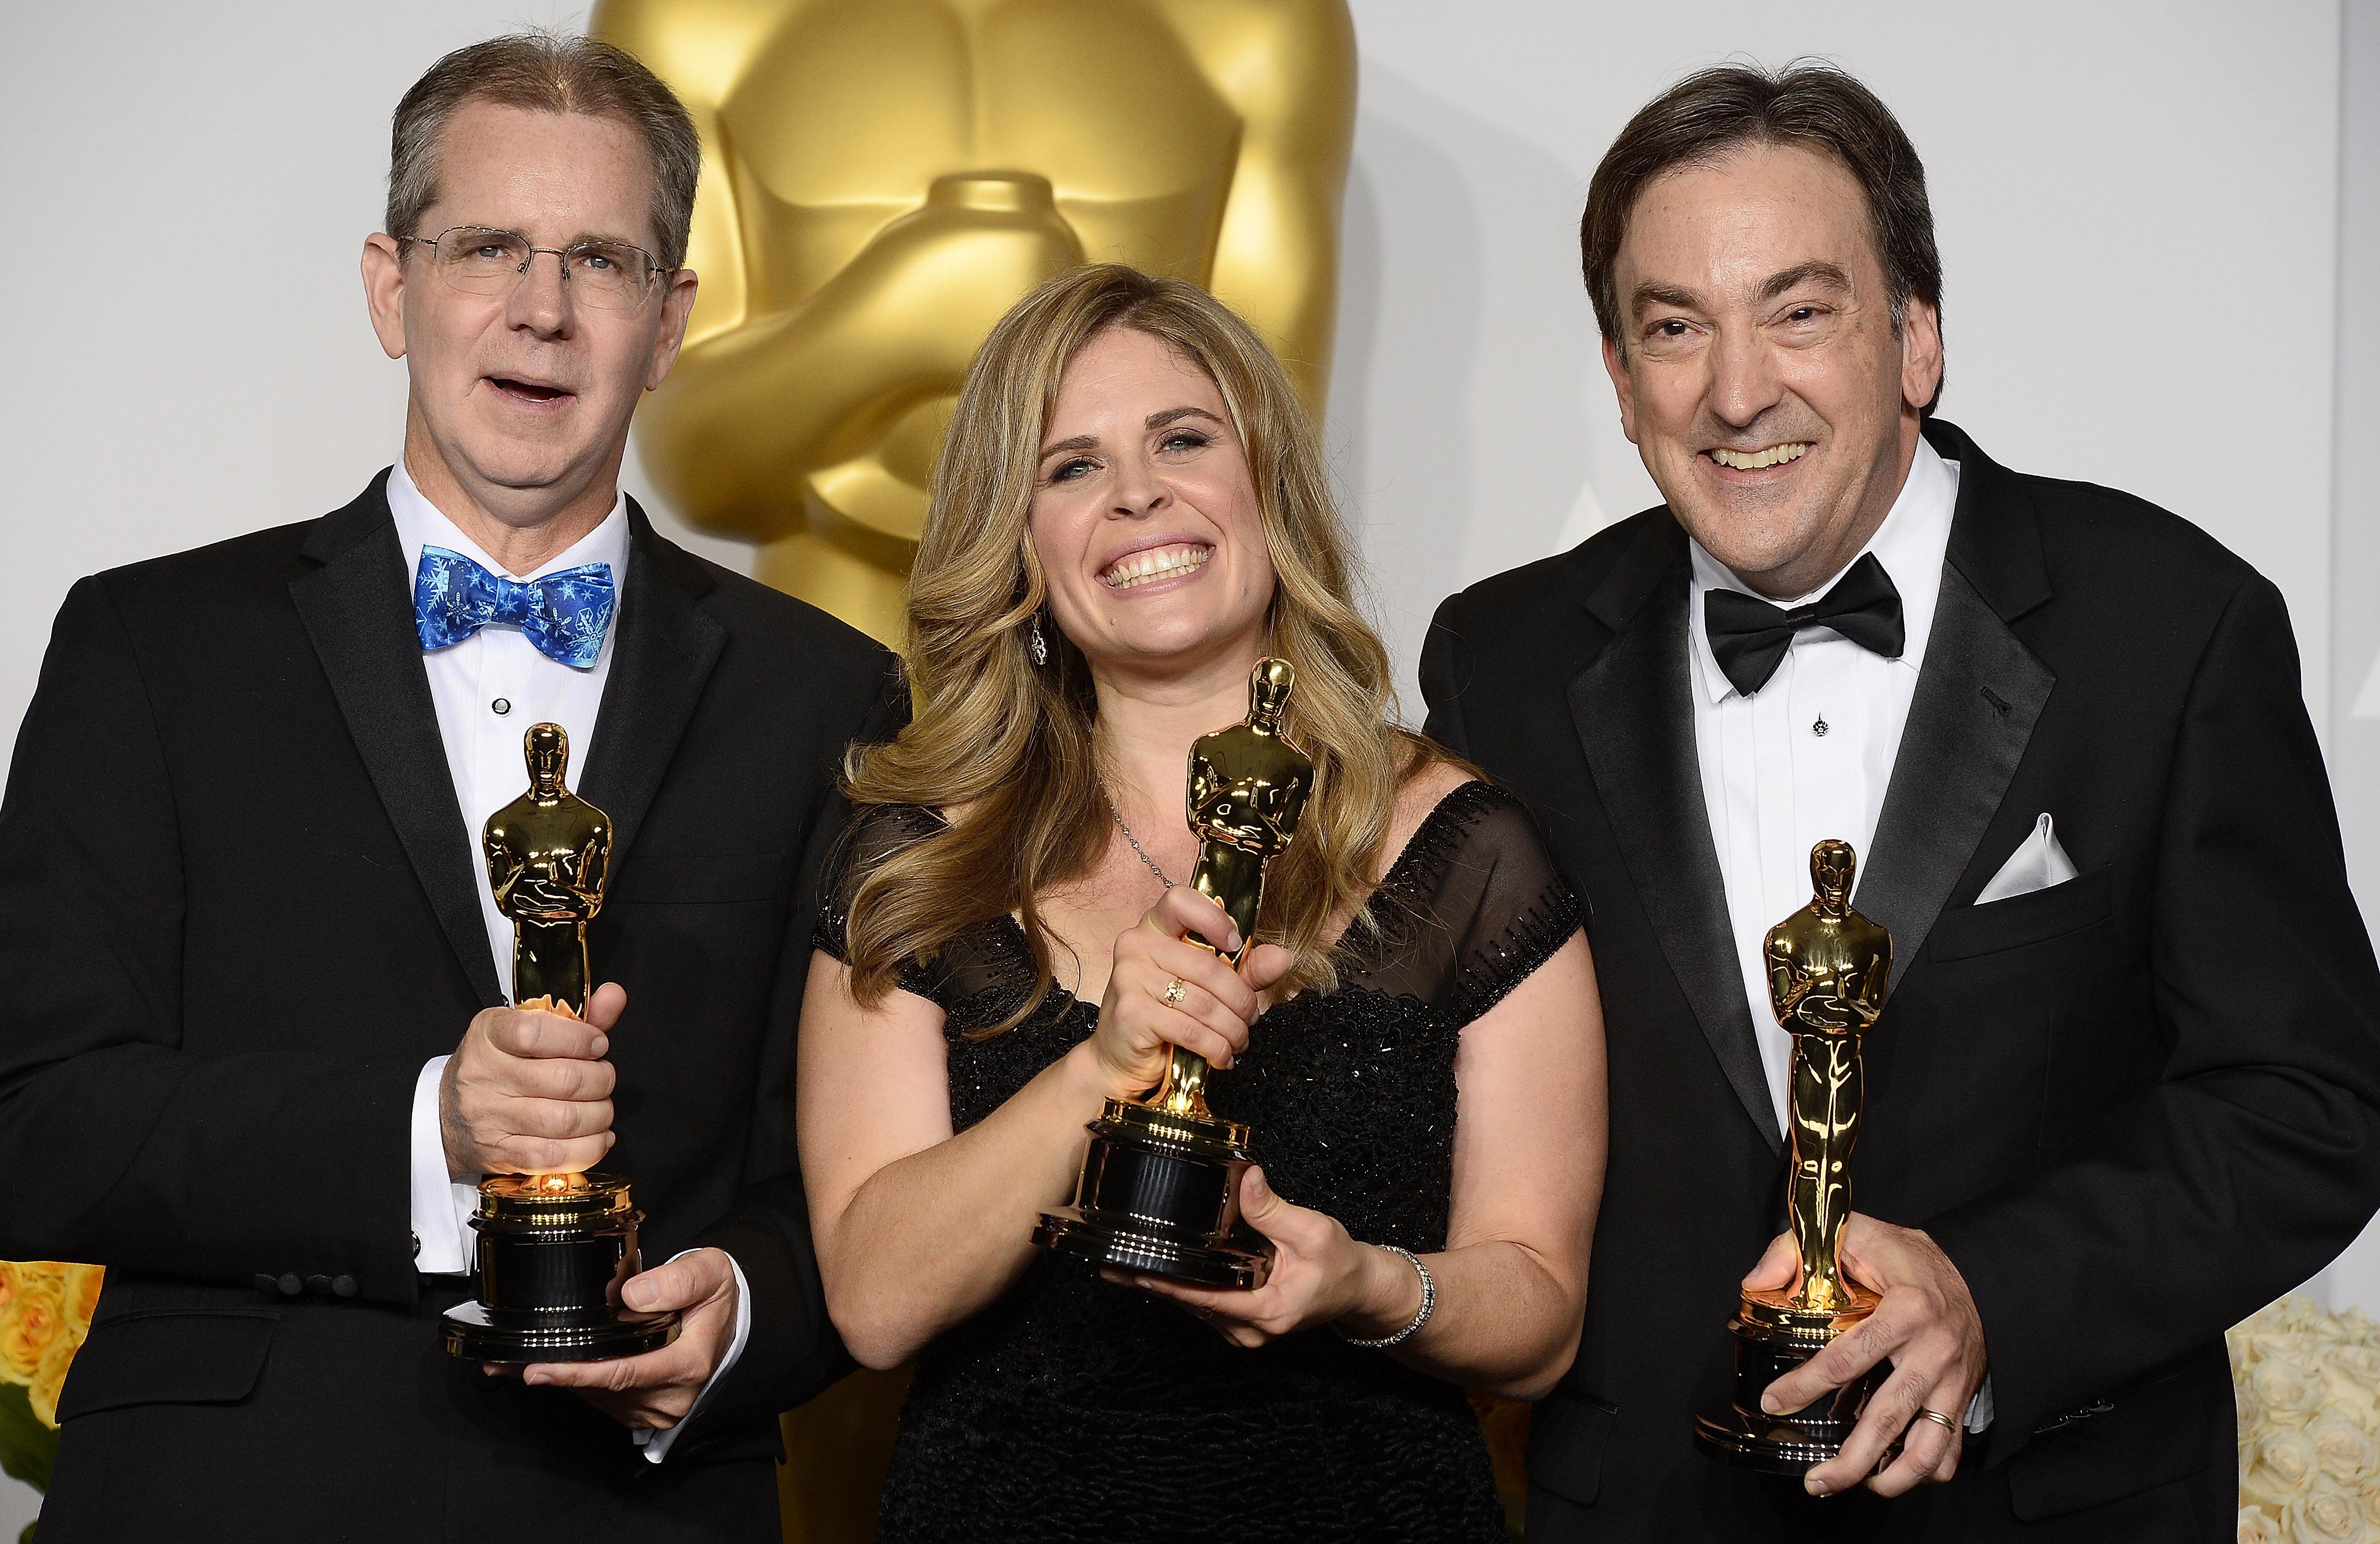 Filmmakers Chris Buck Jennifer Lee Peter Del Vecho Frozen Academy Awards